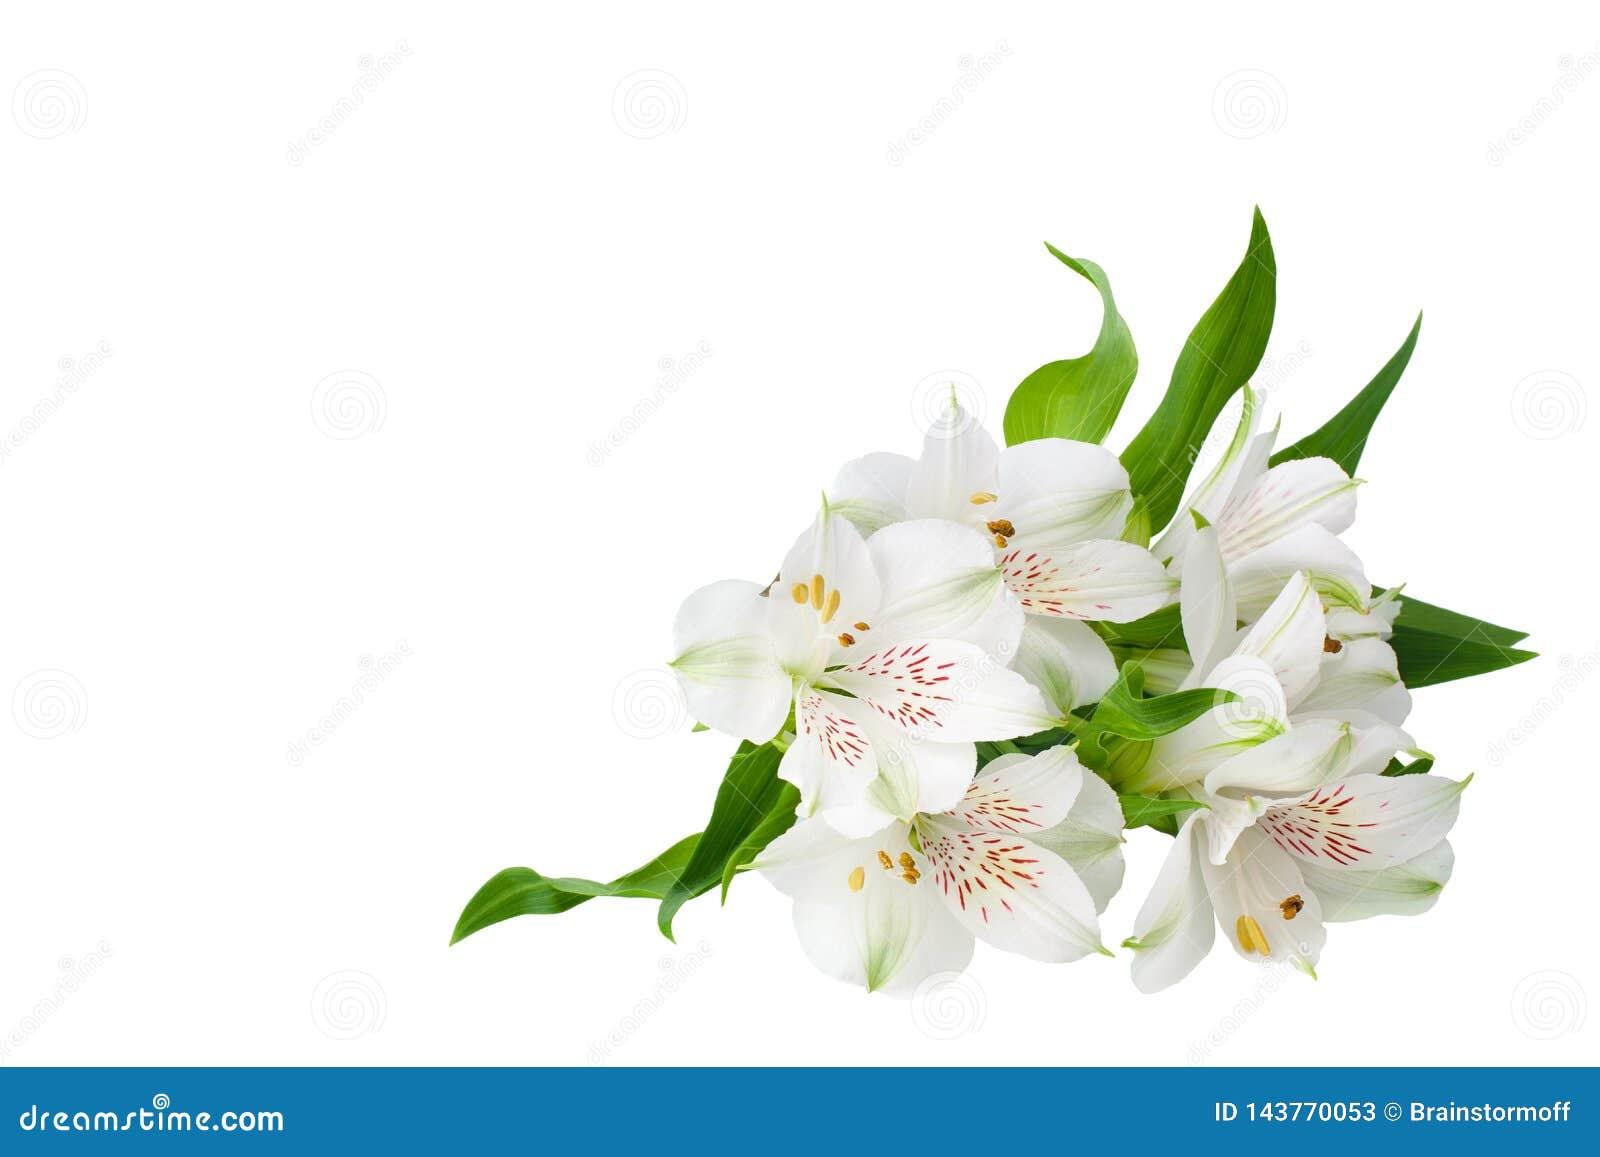 在被隔绝的白色背景的白色德国锥脚形酒杯花角落紧密,百合装饰边界的花束